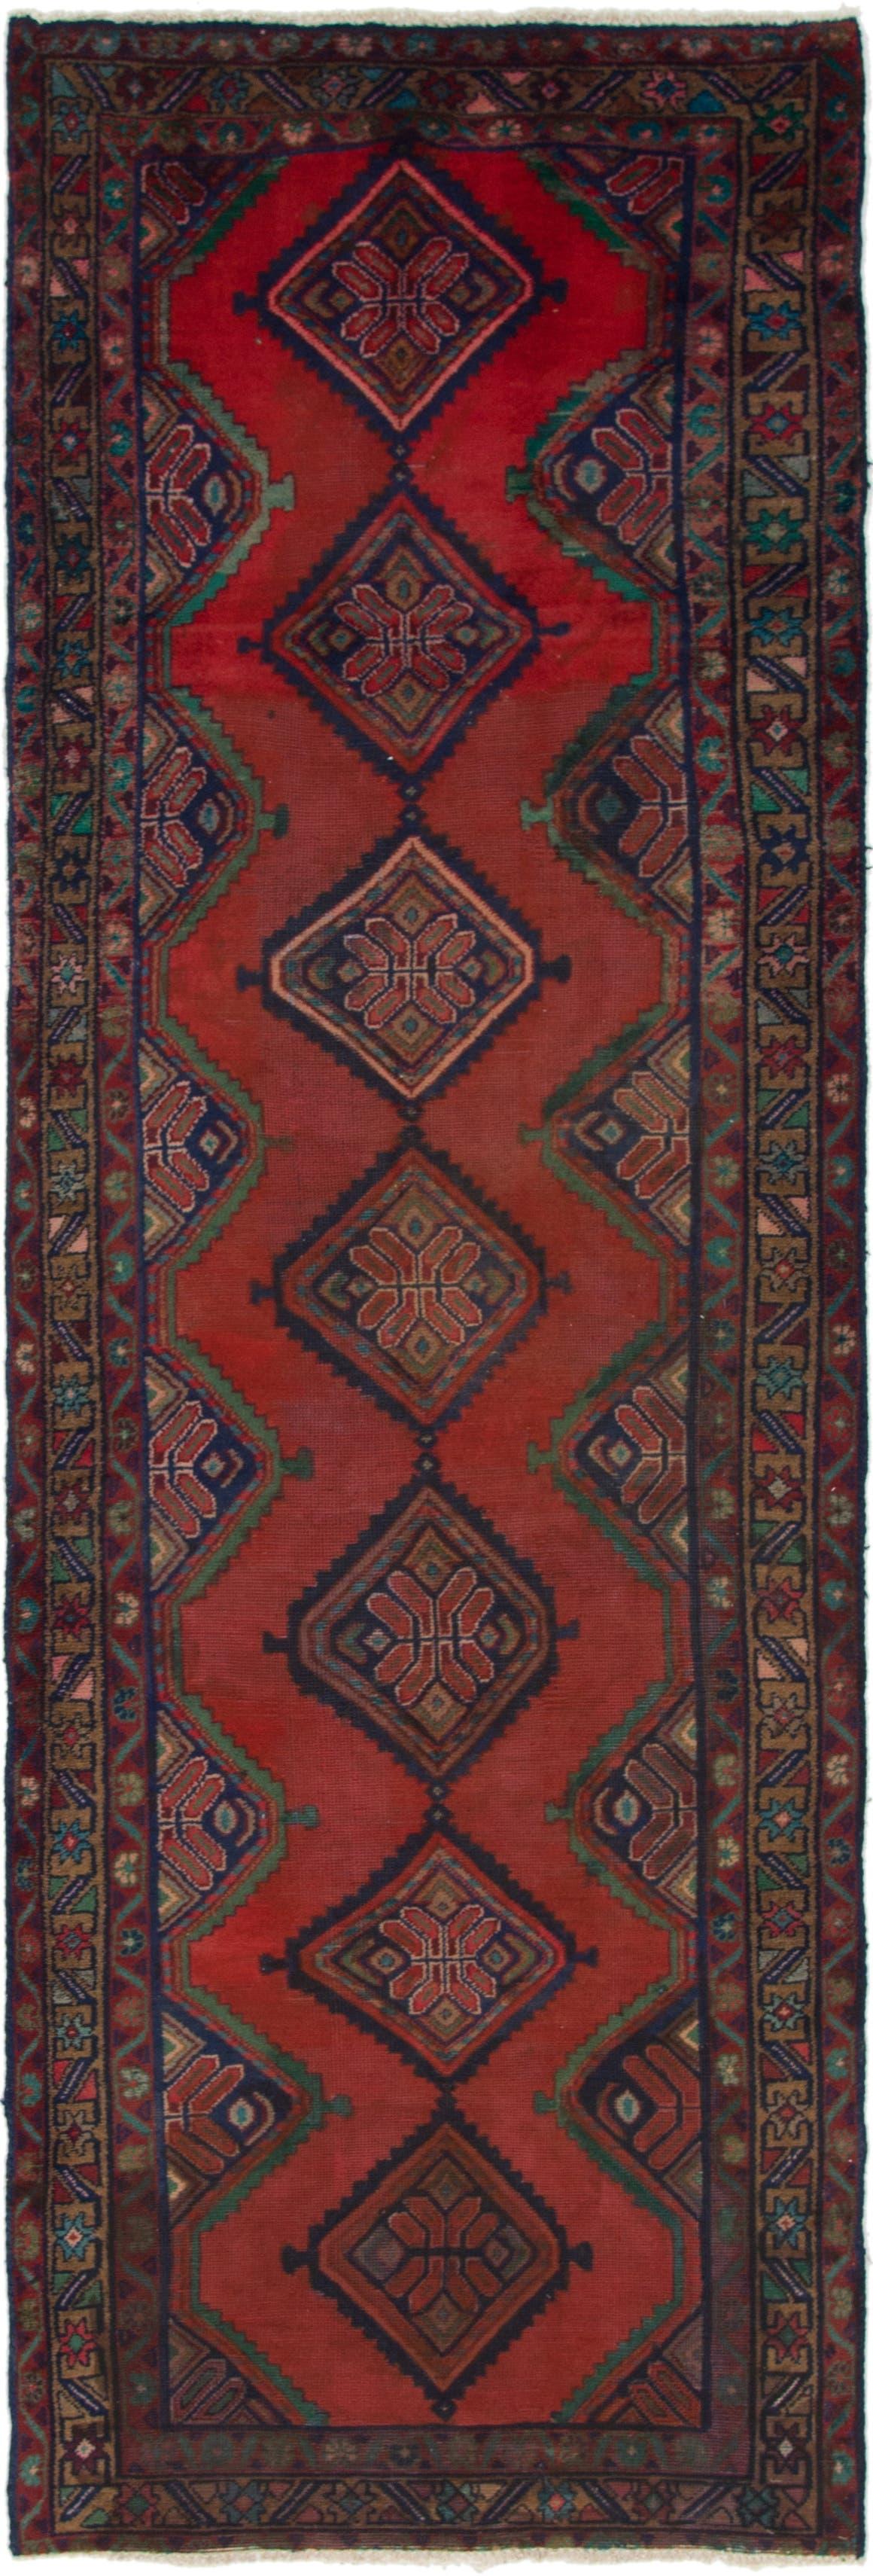 3' 3 x 10' 3 Chenar Persian Runner Rug main image